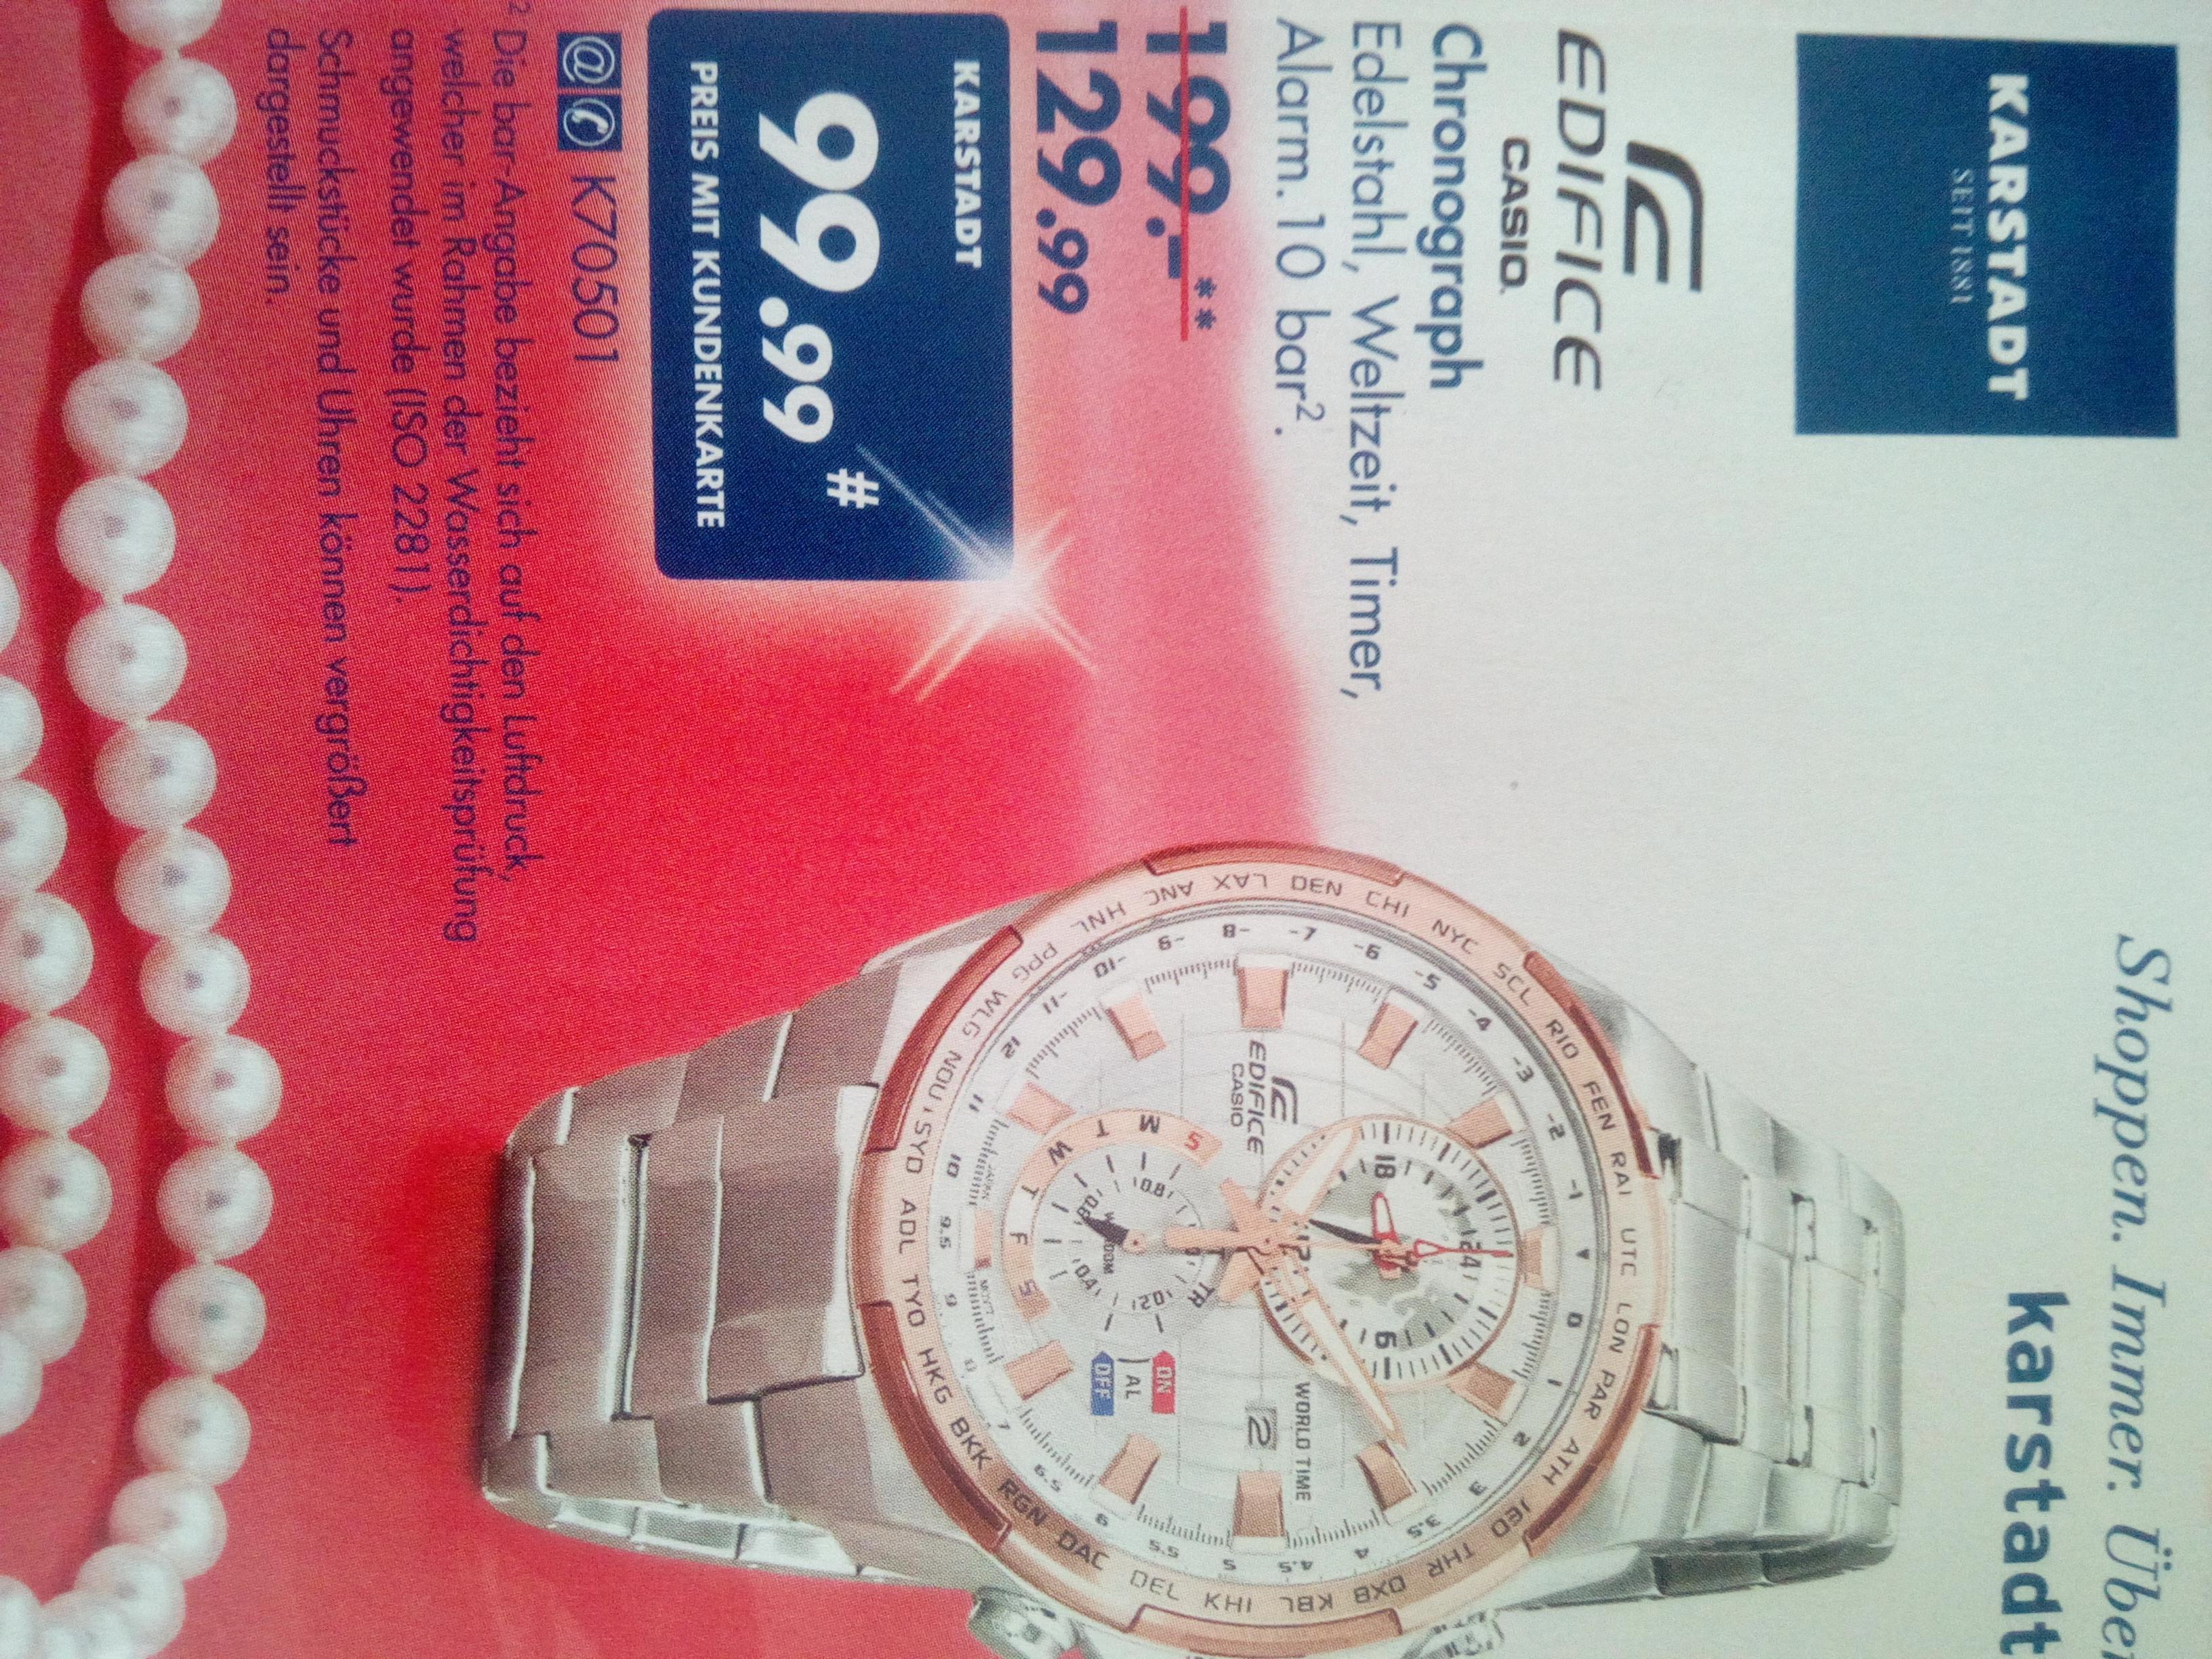 Exklusiv für Karstadt Kundenkarten-Inhaber: Casio Edifice EFR-550 Damenuhr